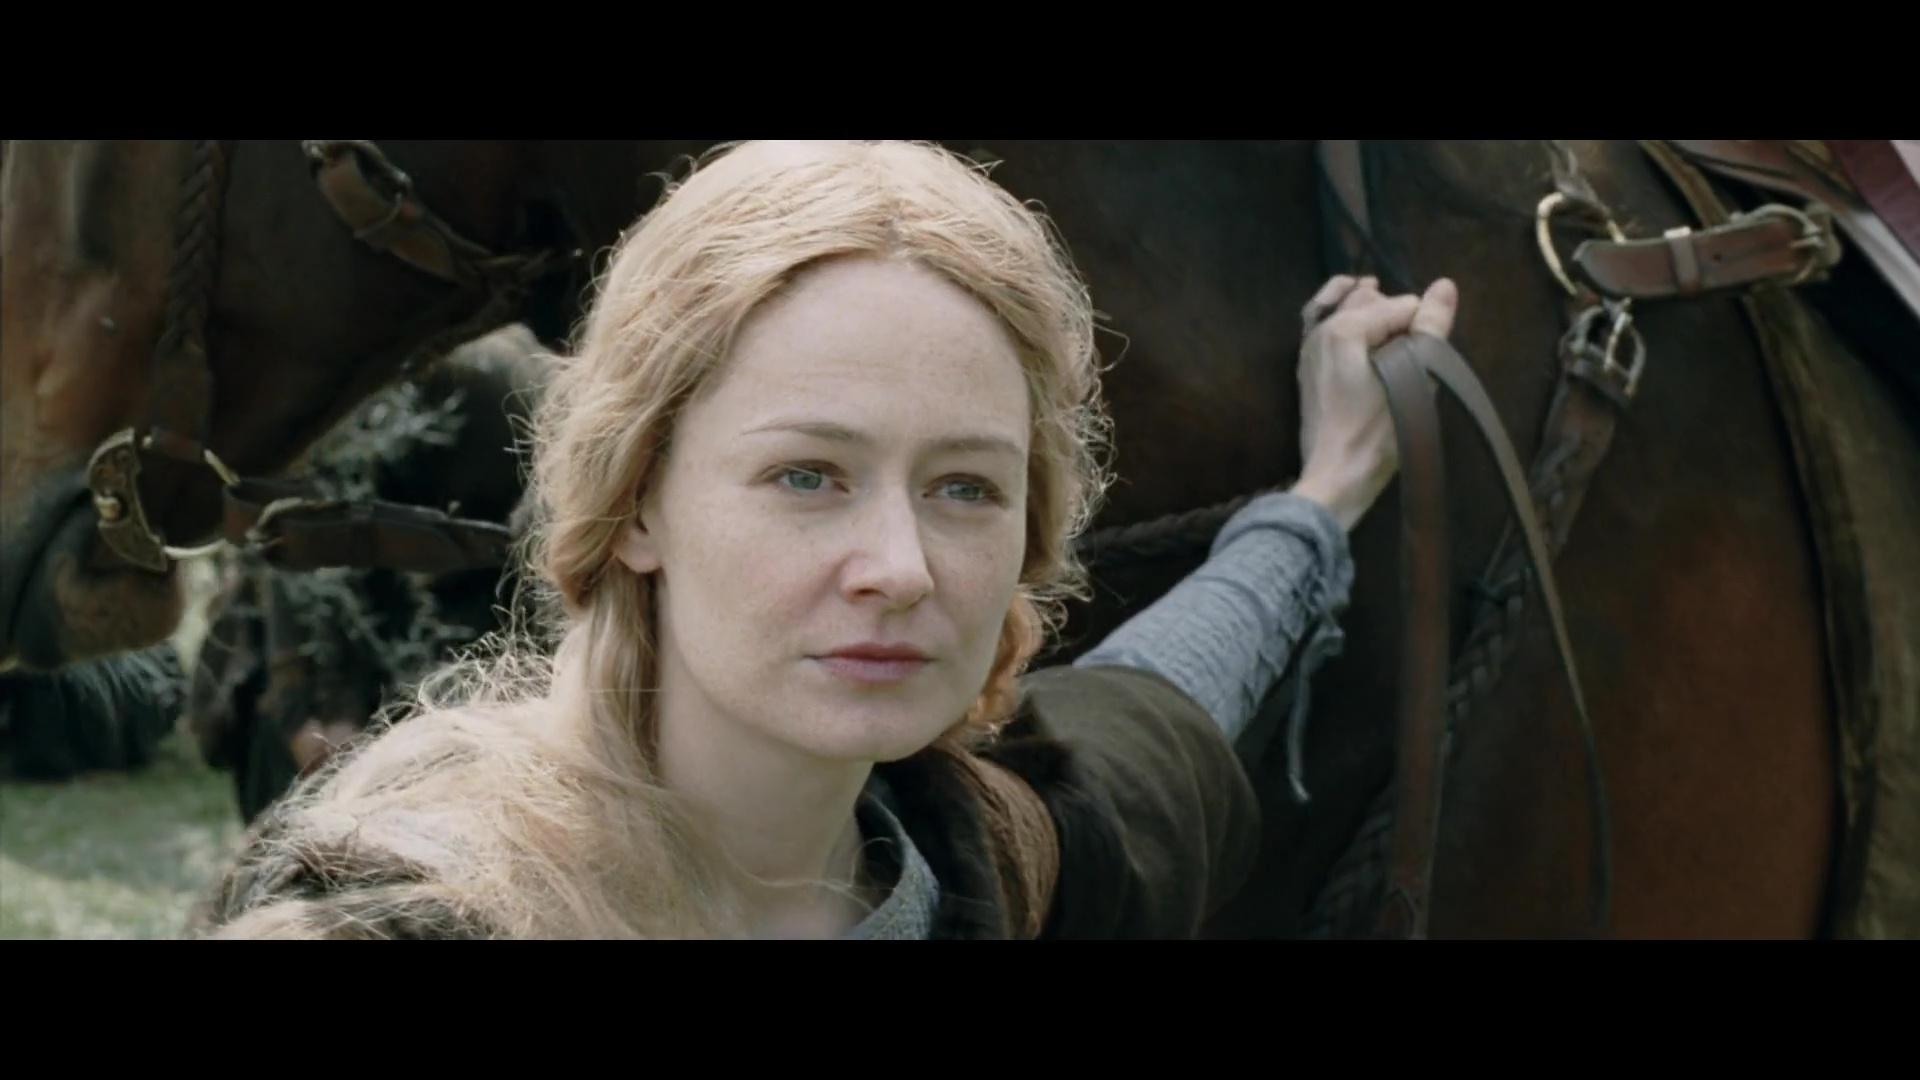 El Señor De Los Anillos 2 1080p Lat-Cast-Ing[Fantasia](2002)